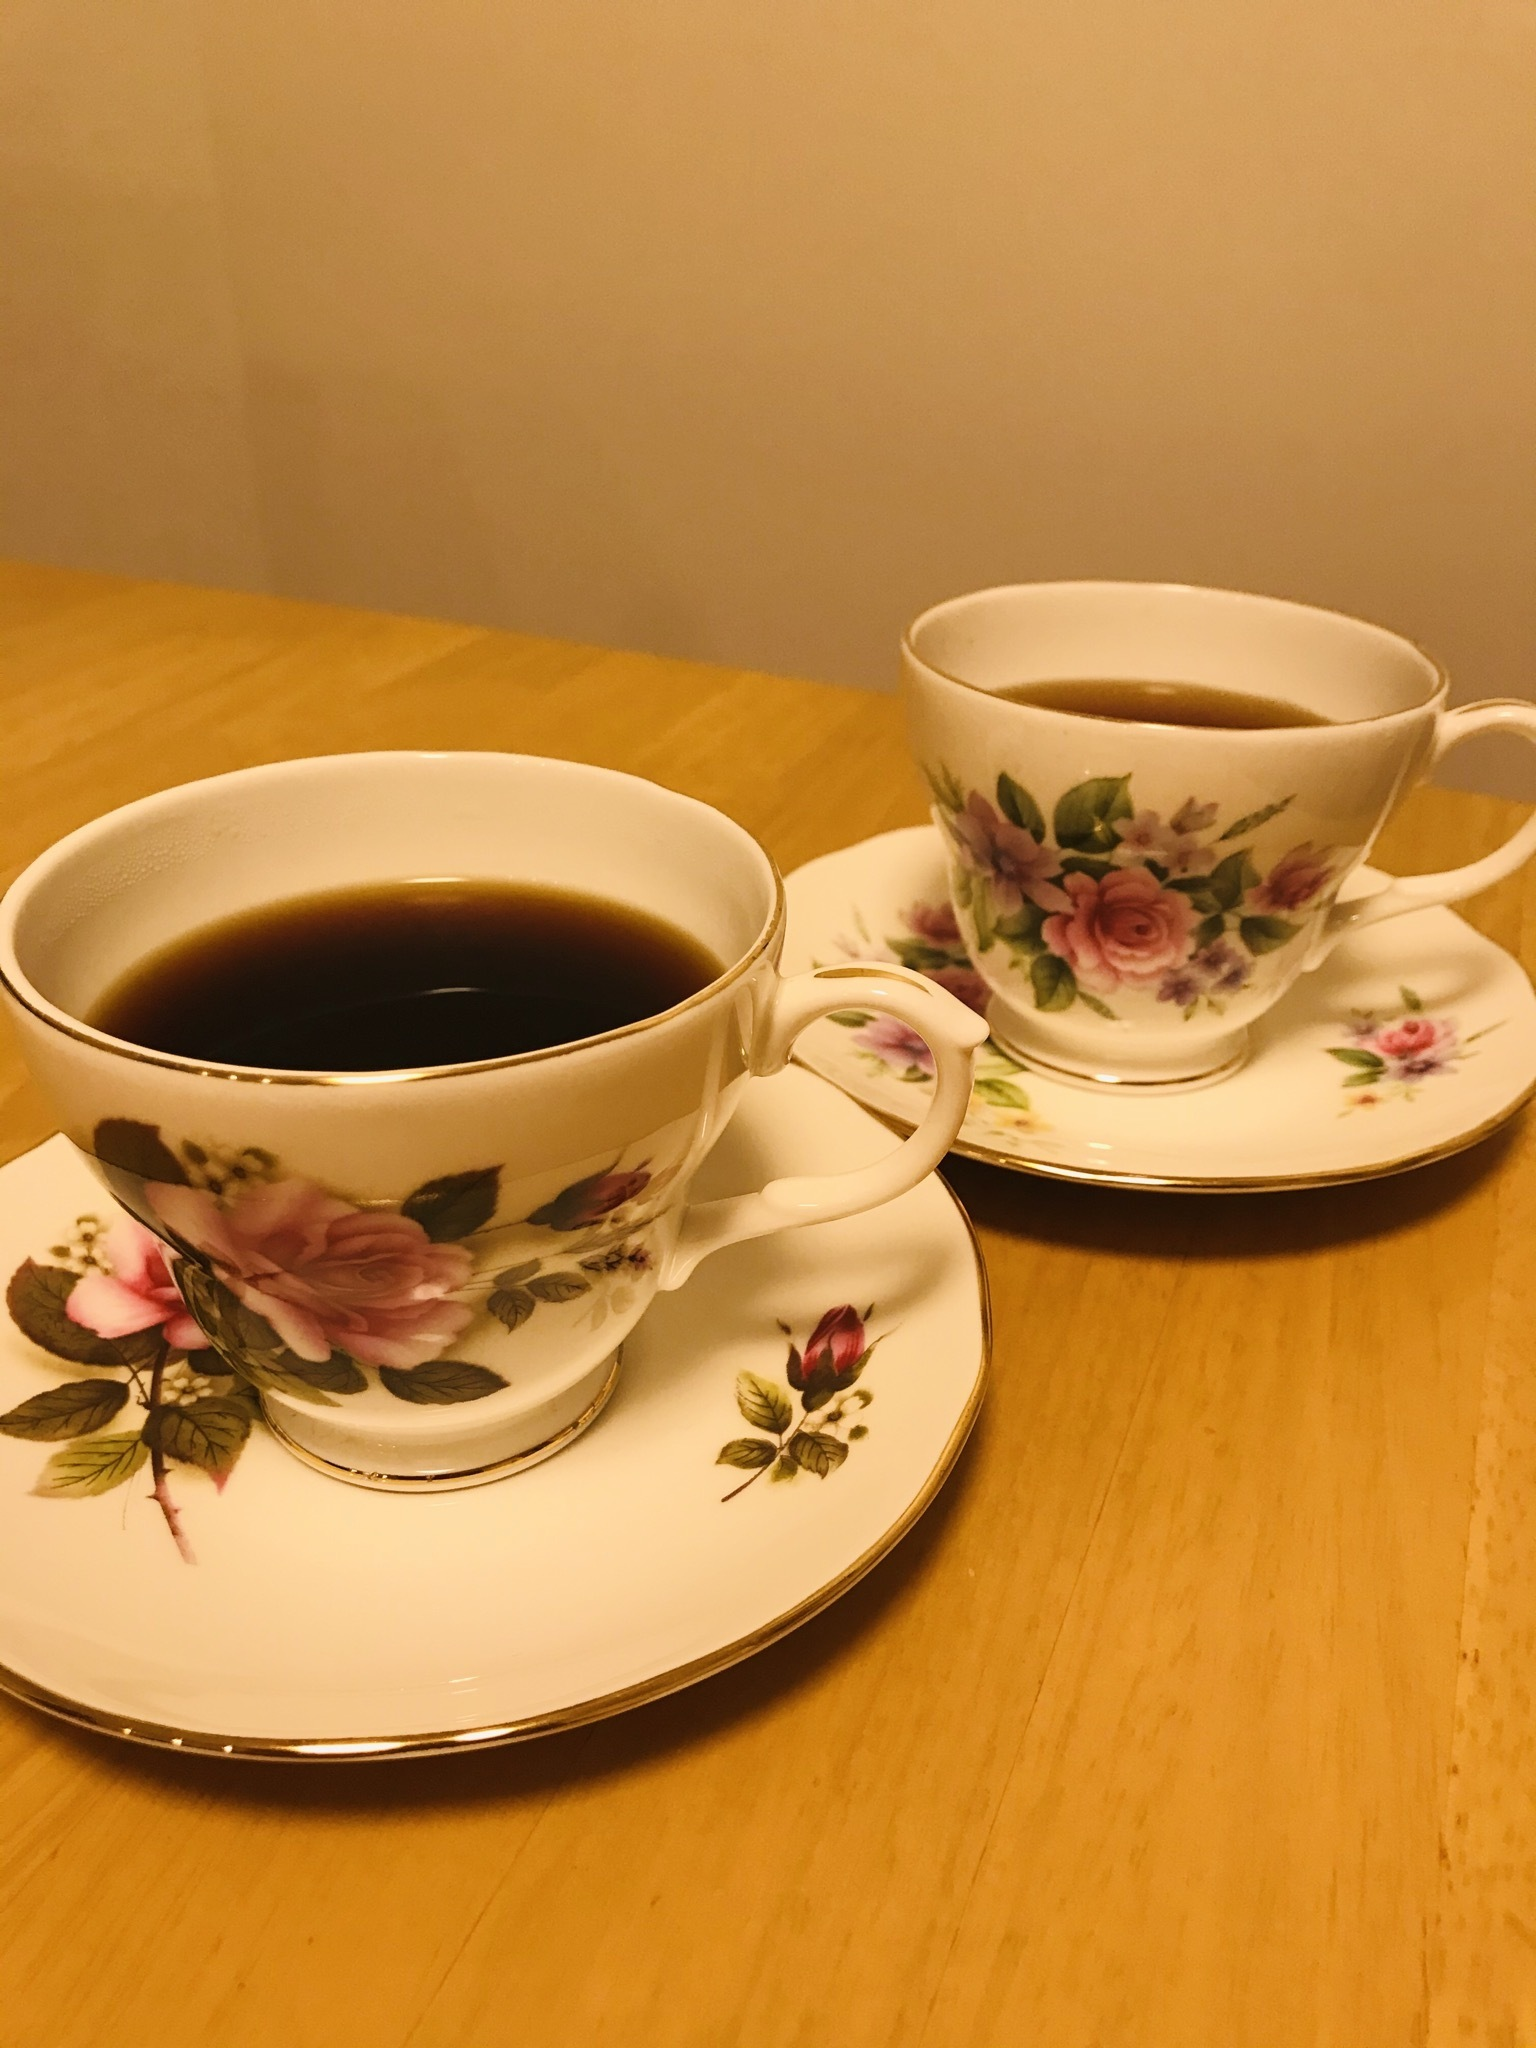 カフェインレスとは思えないほど美味しい!